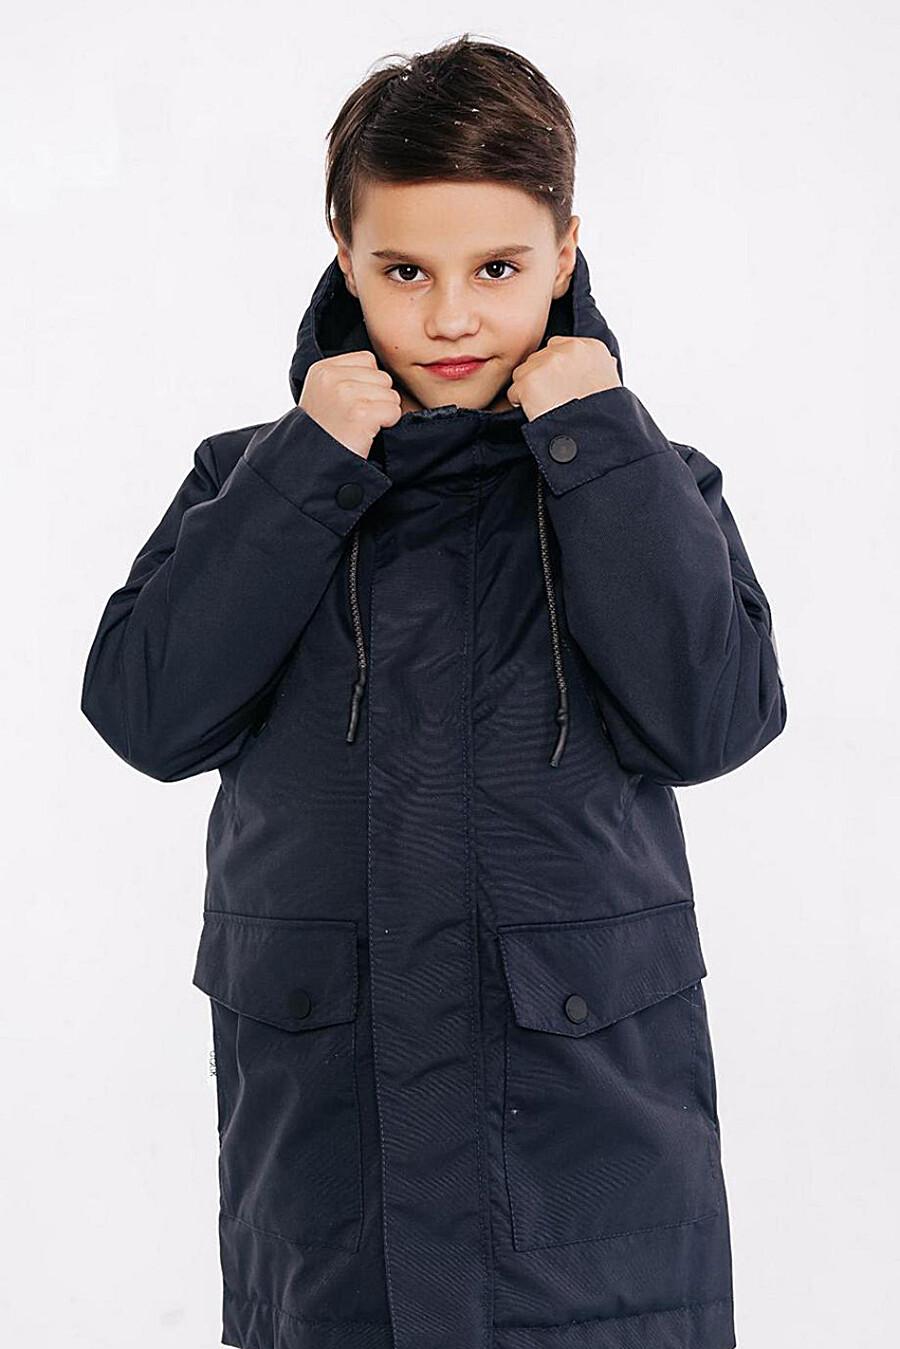 Пальто-парка для мальчиков BATIK 247298 купить оптом от производителя. Совместная покупка детской одежды в OptMoyo